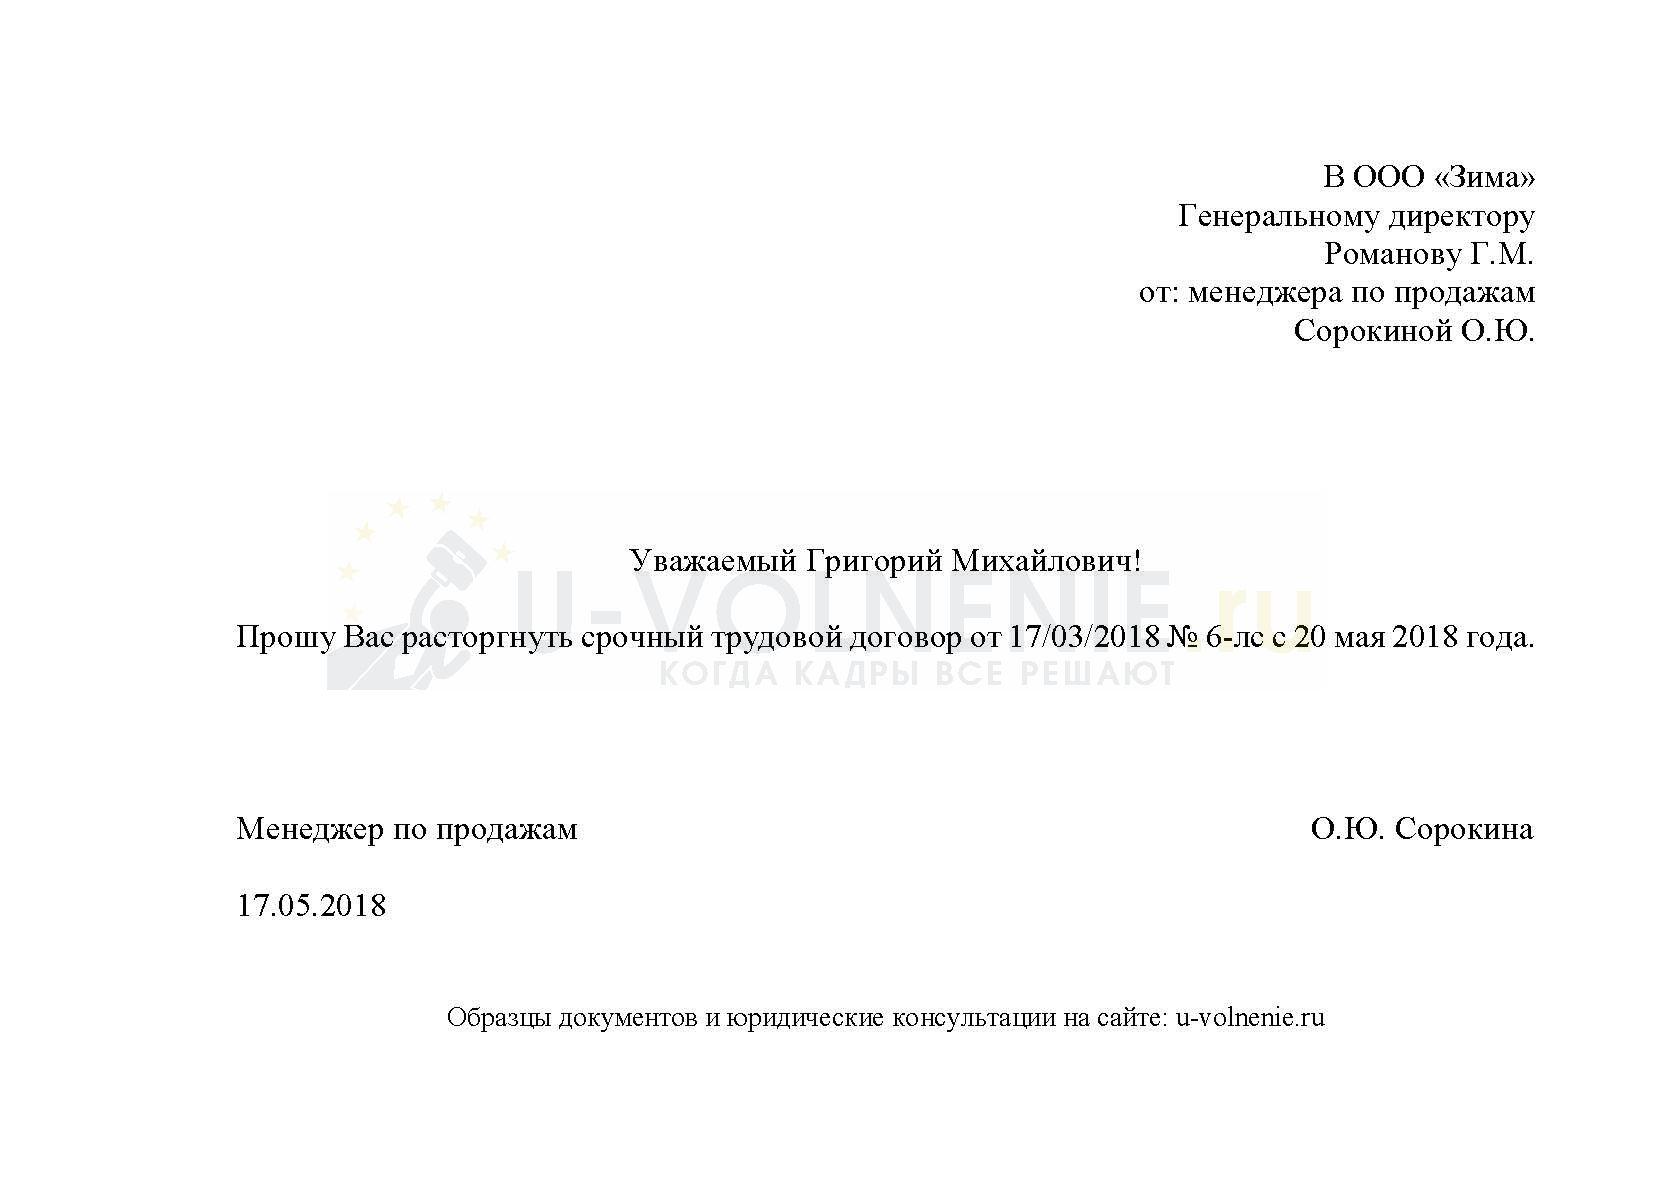 Образец заявления на увольнение по собственному желанию (срочный договор)